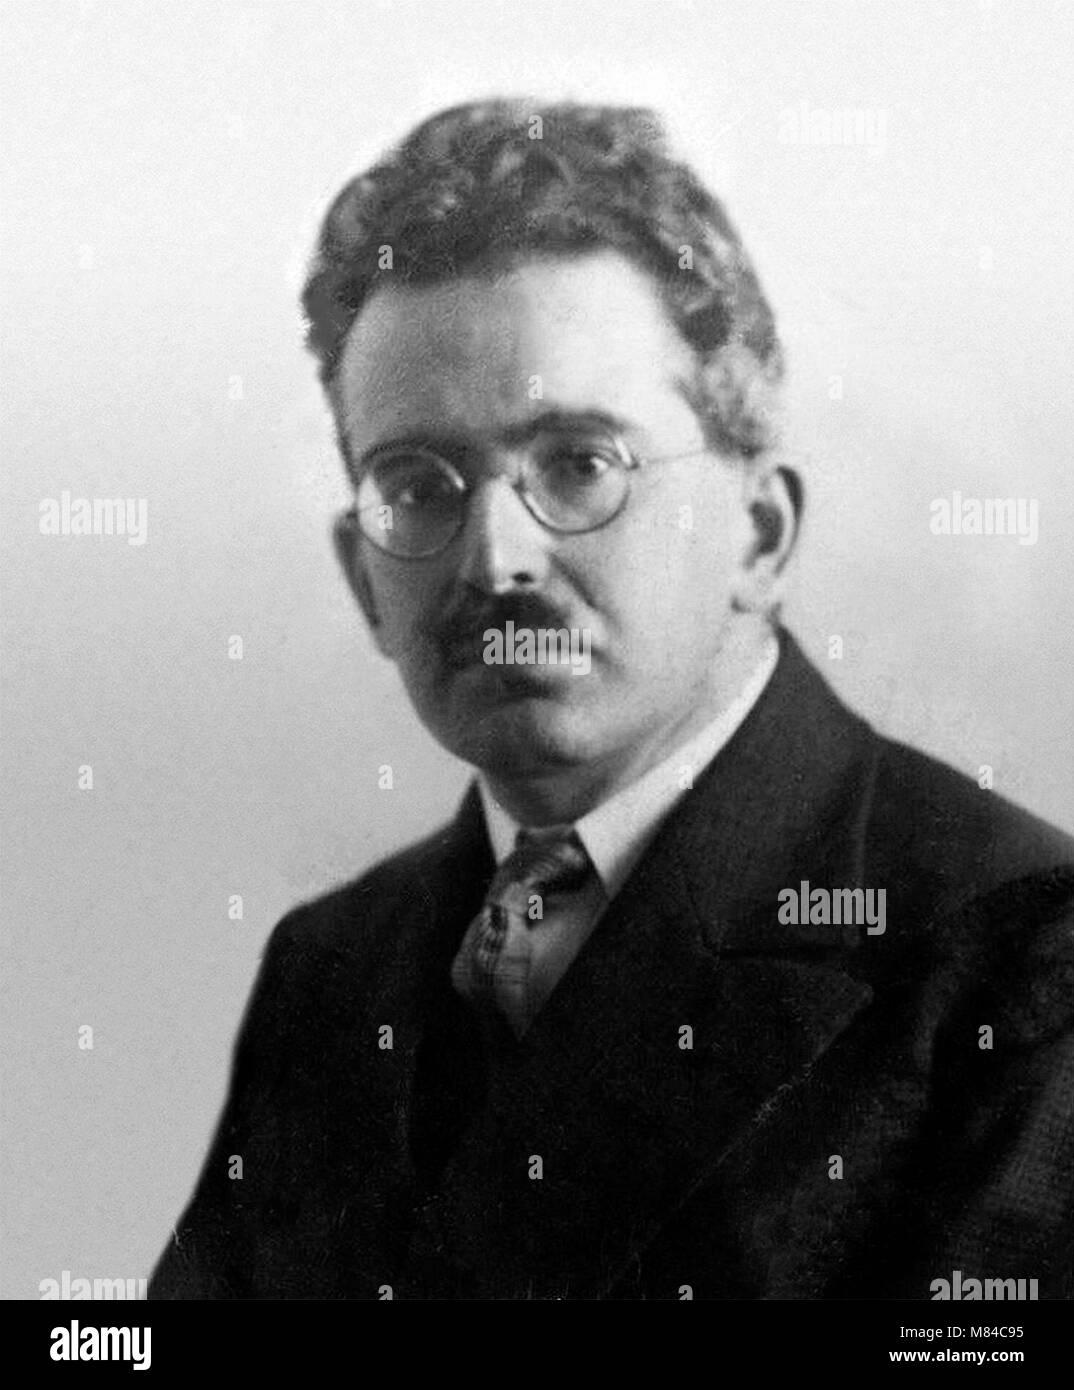 Walter Benjamin (1892-1940). Portrait of the German philosopher Walter Bendix Schönflies Benjamin, 1928. - Stock Image